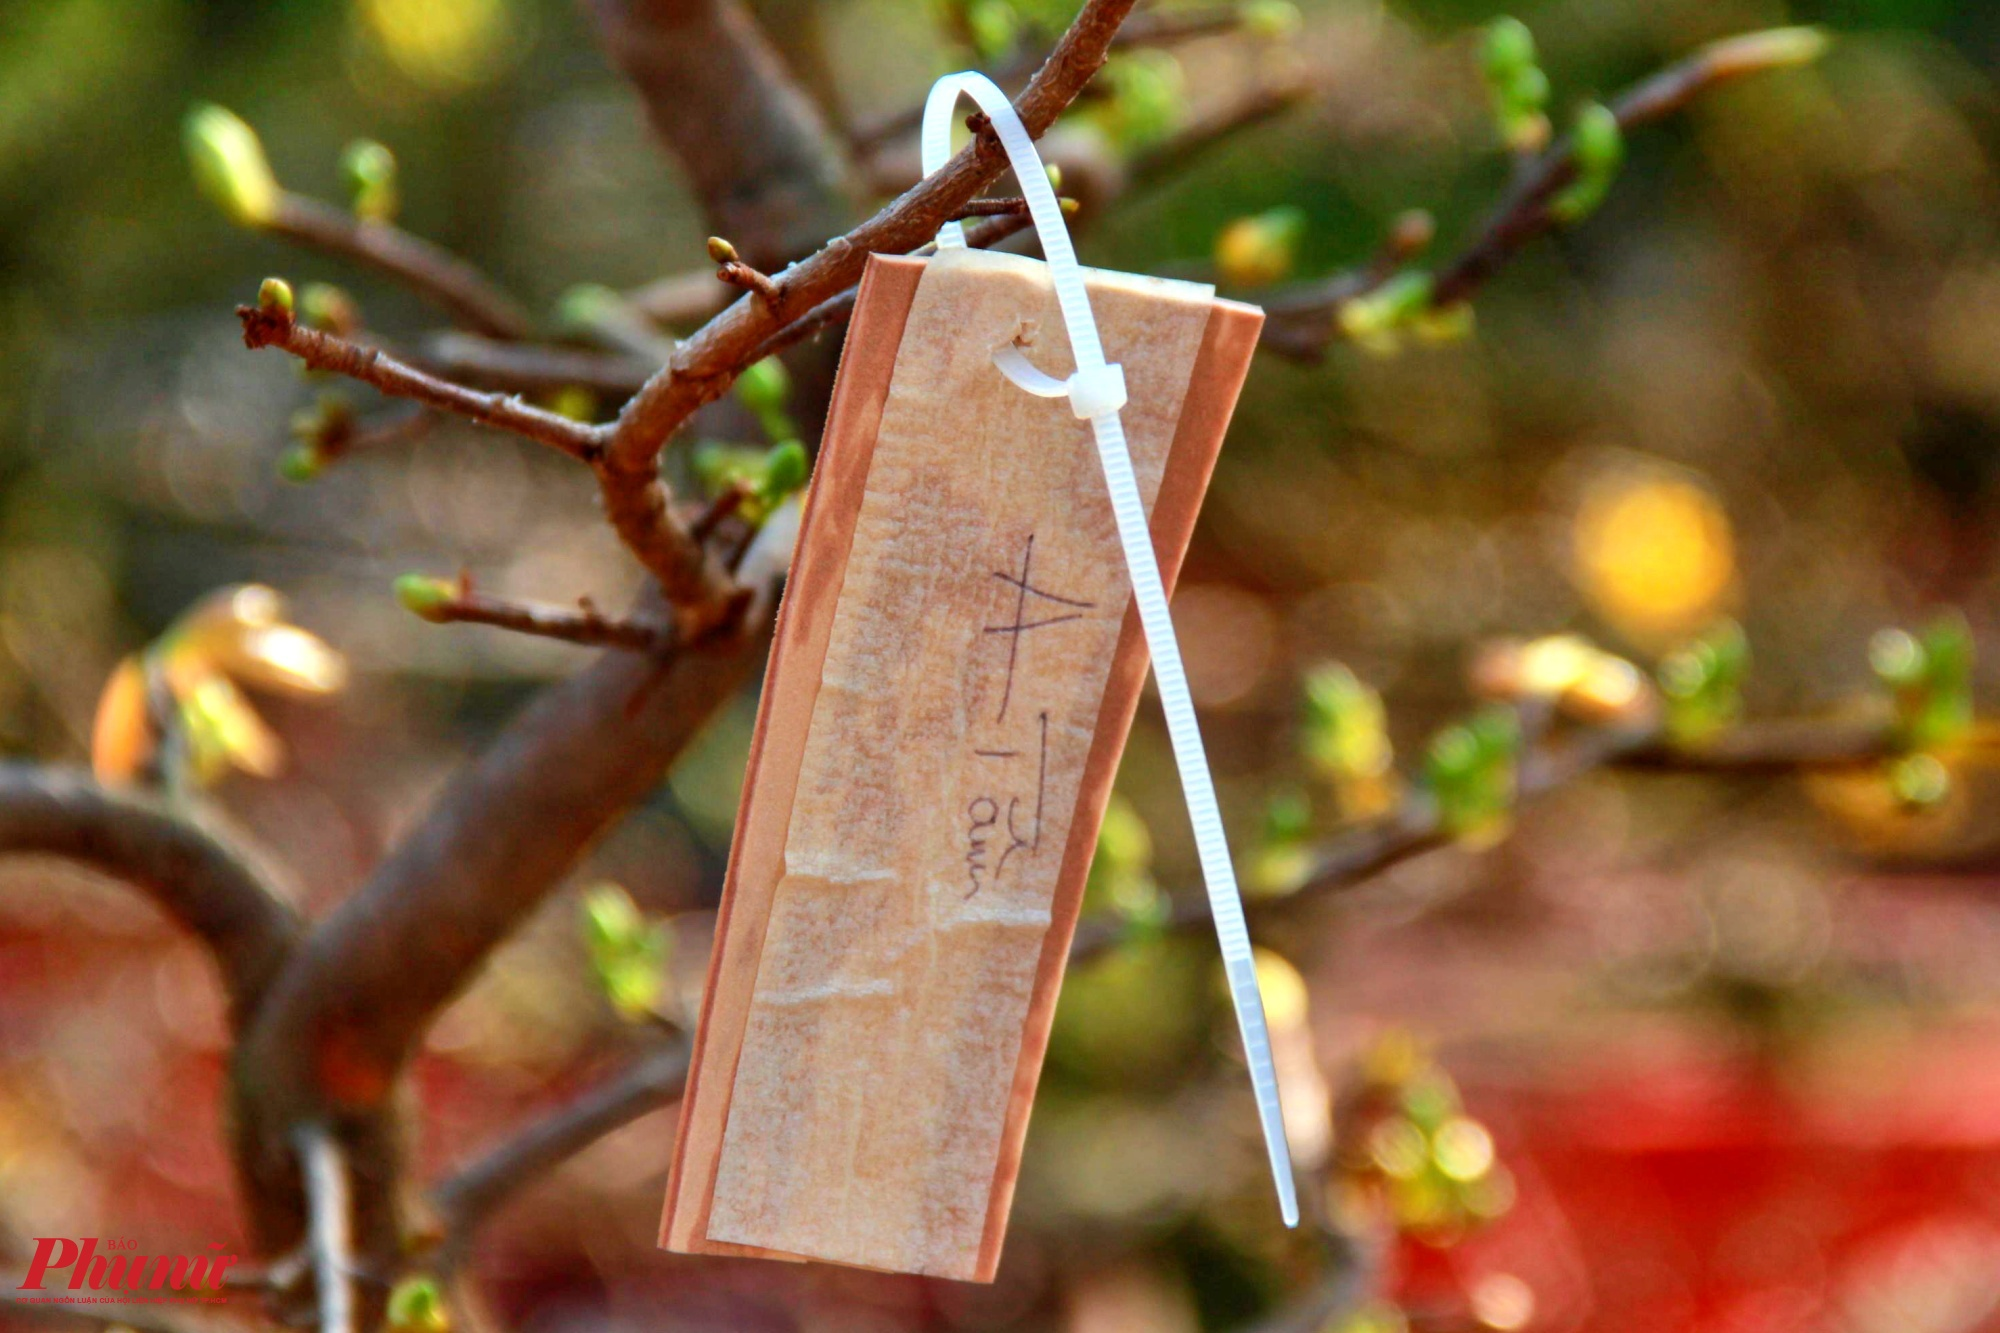 Một số cây mai đã được khách quen đặt thuê và dán tên để chơi trong dịp Tết.